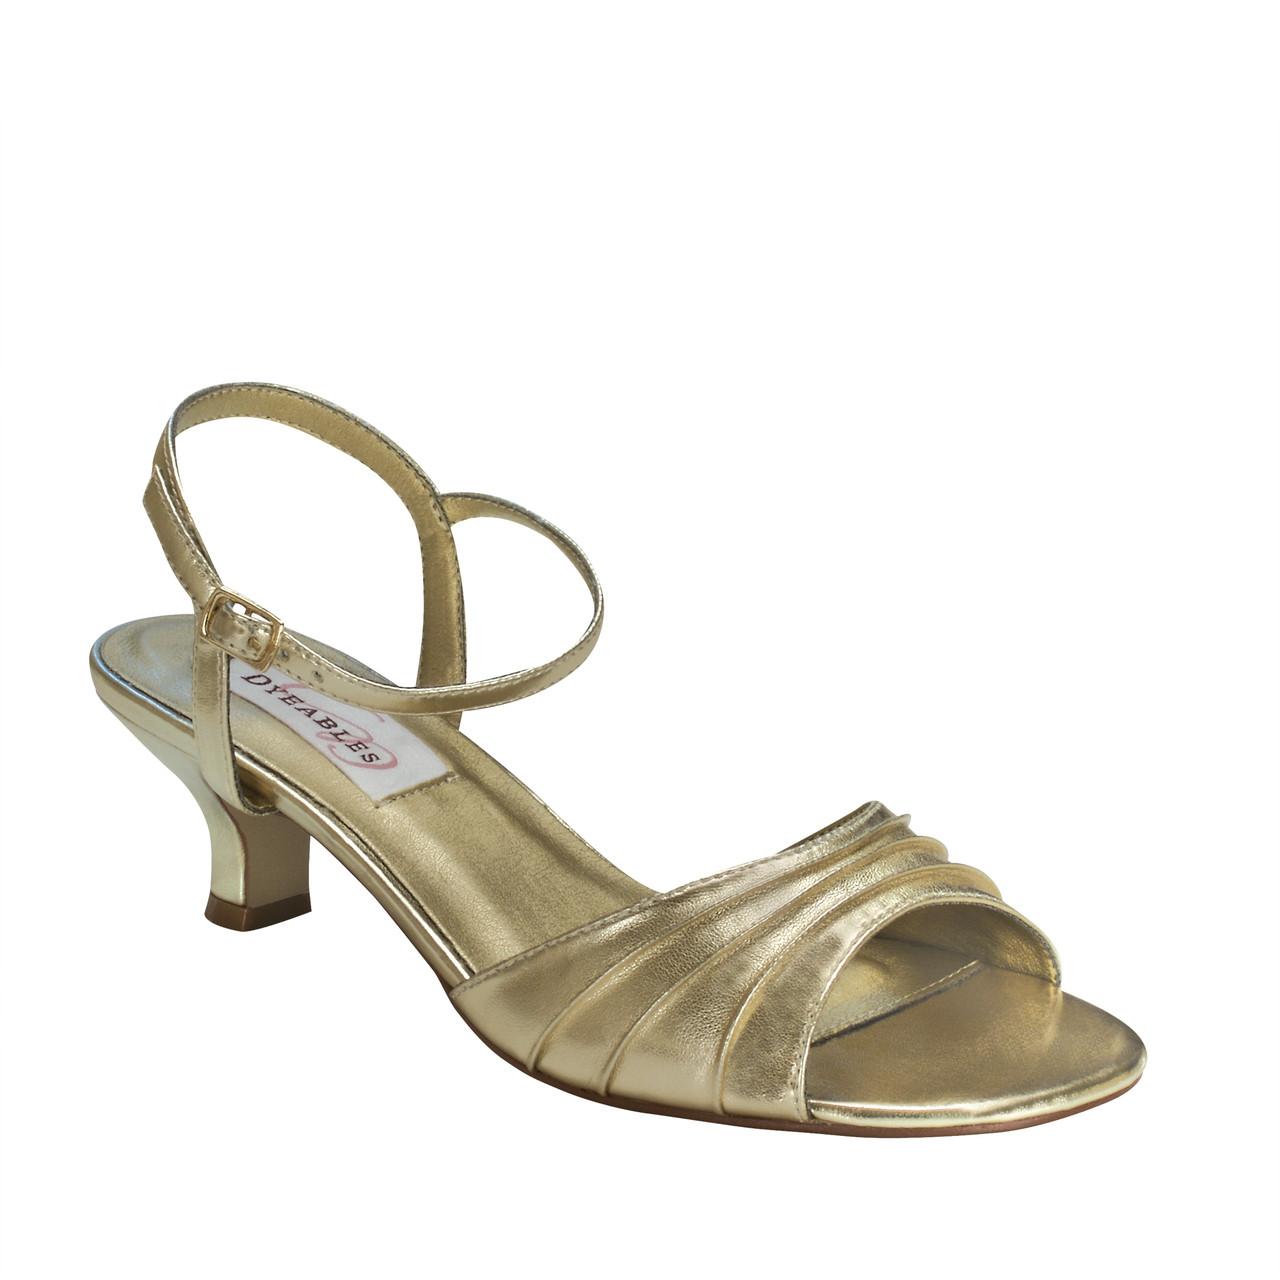 1ce91b7a58fff8 Dyeables Women s Brielle Ankle Strap Sandal - ShoeMars.com